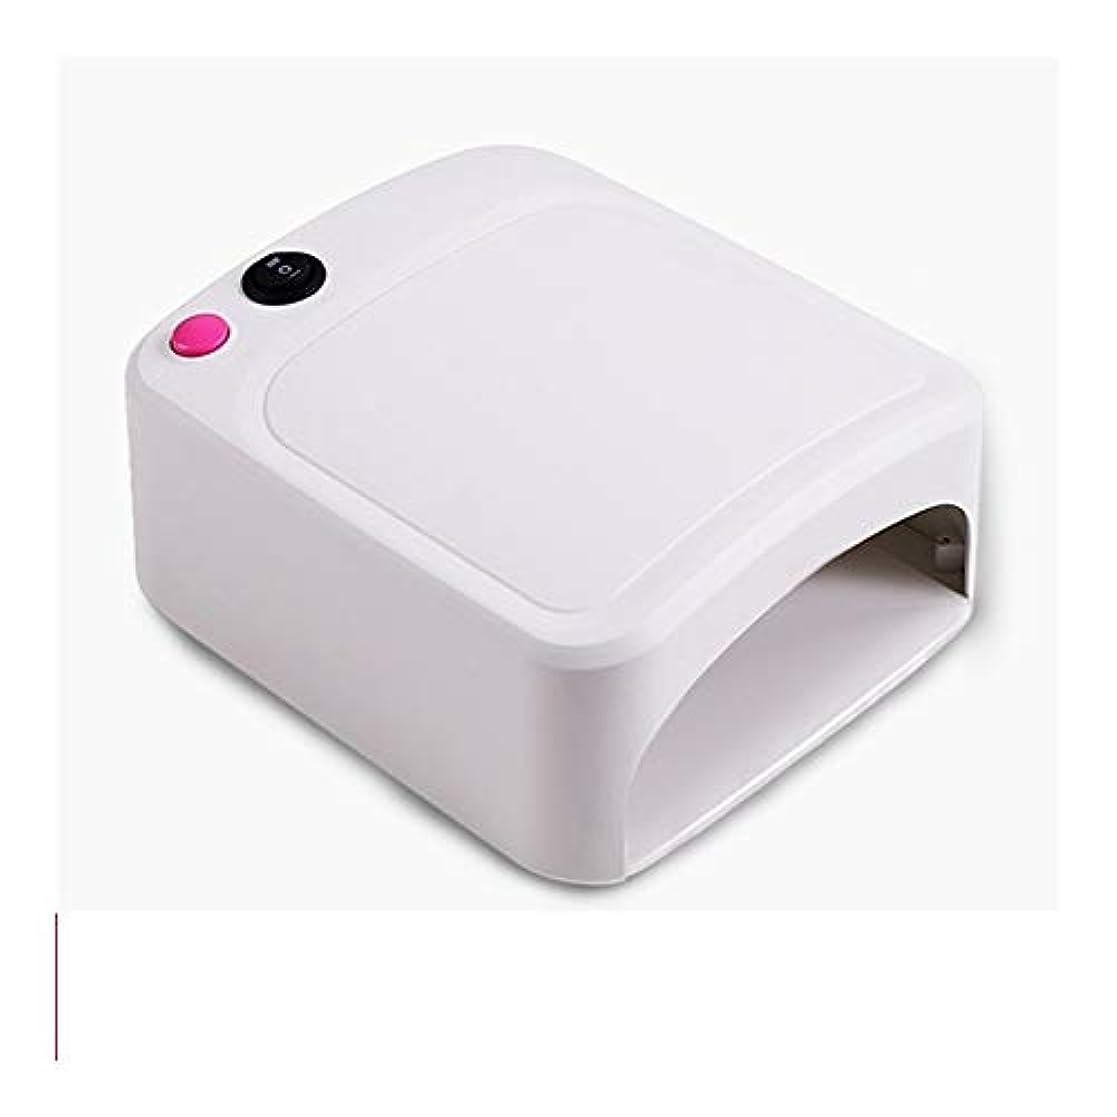 世界的にシャベル解明LittleCat ネイルネイル光線療法機UVランプ36W UVライトローストネイルドライヤー (色 : Pink euro circle)